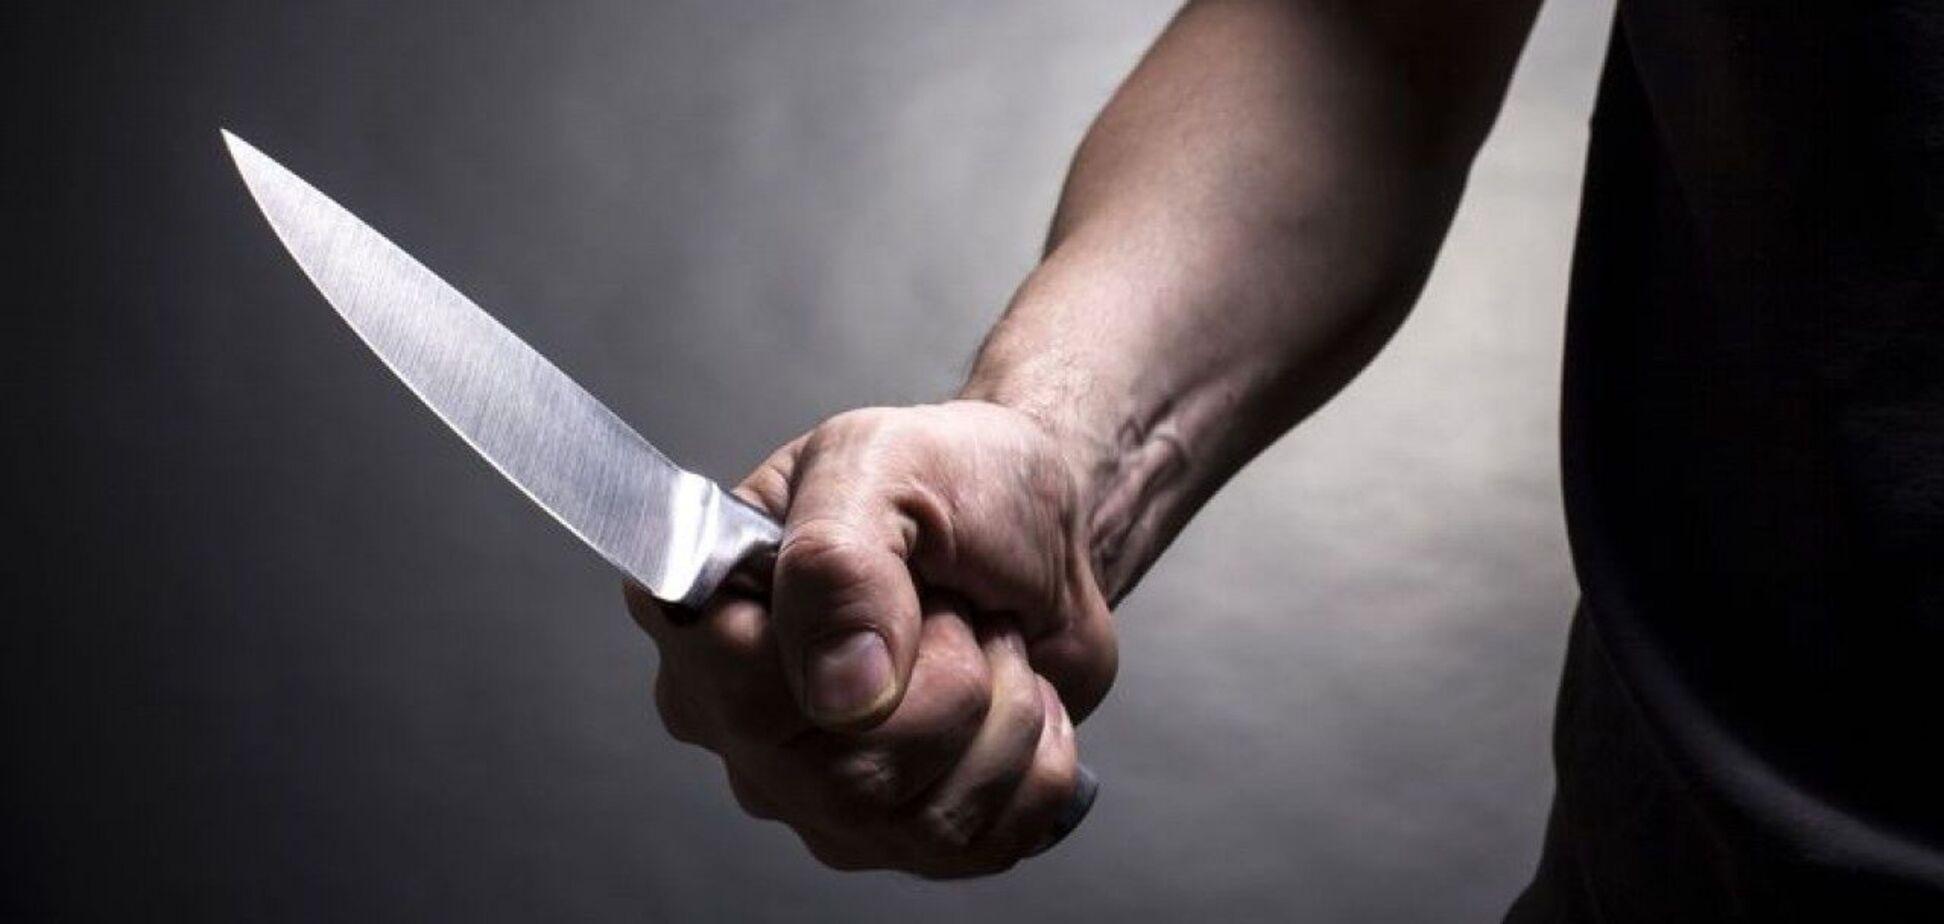 В Днепре мужчину приговорили к пожизненному за убийство 80-летнего друга